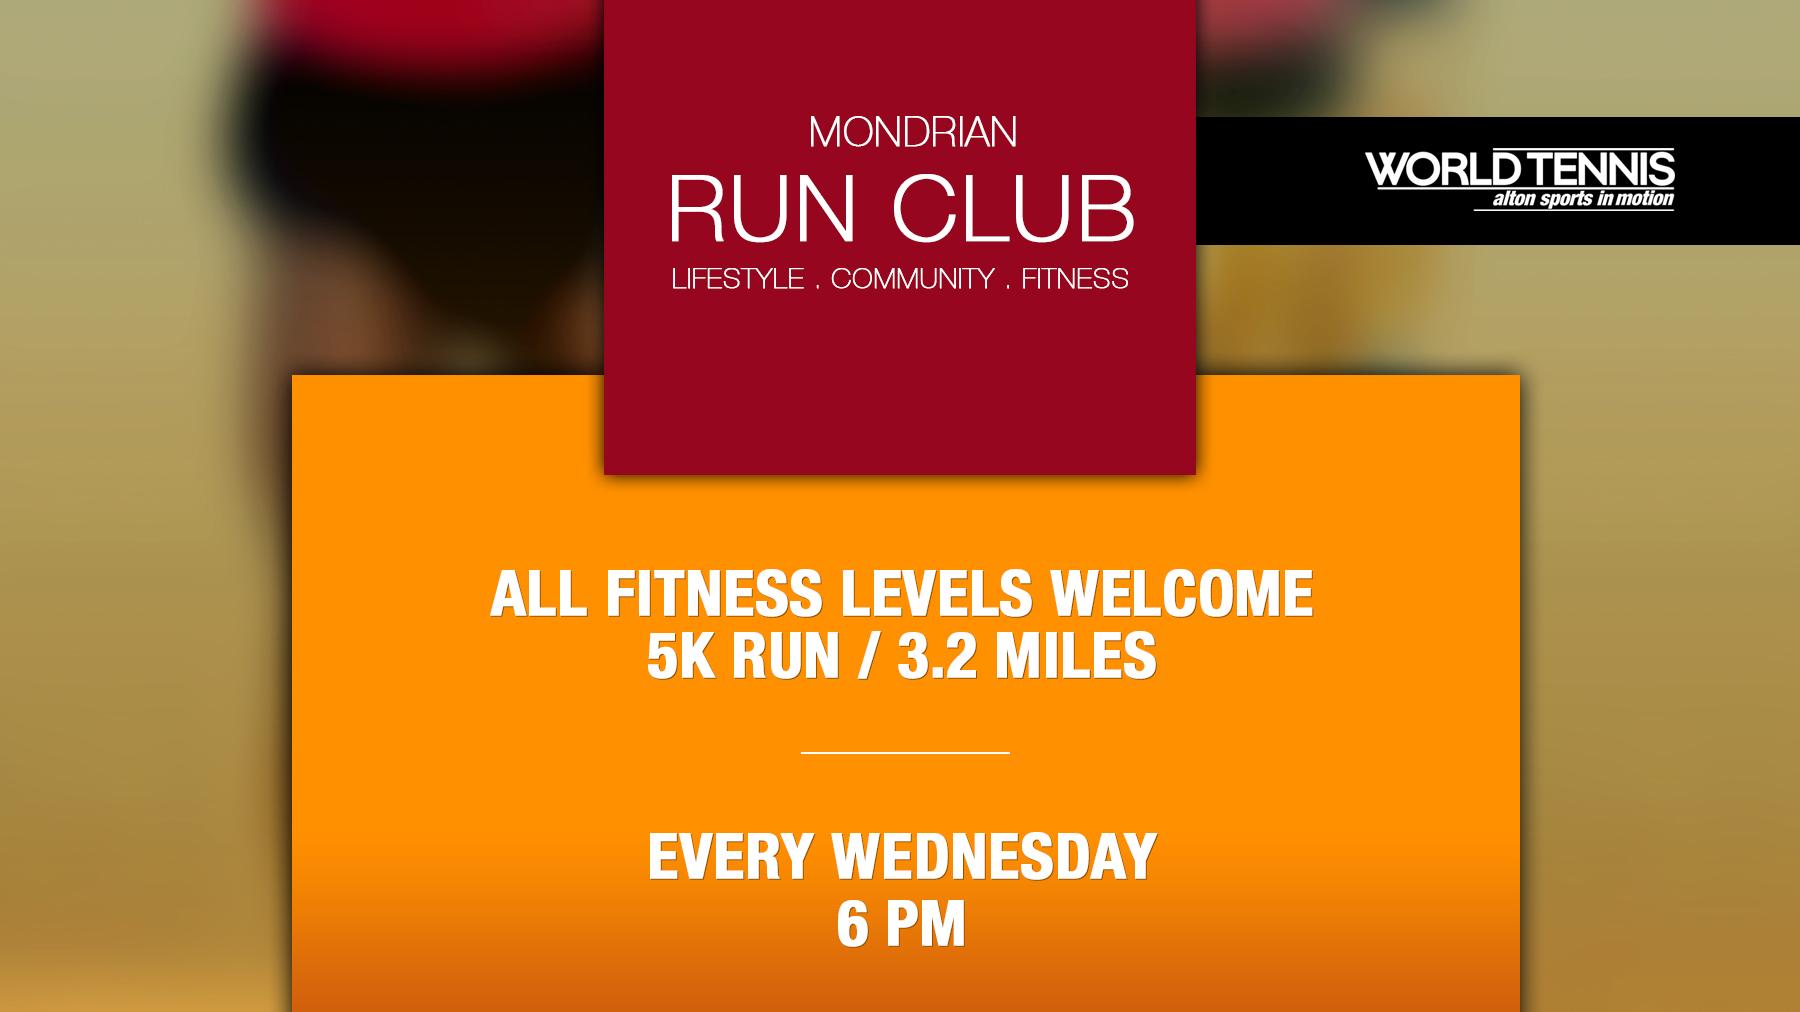 Mondrian Run Club Miami Beach - World Tennis Alton Sports in Motion